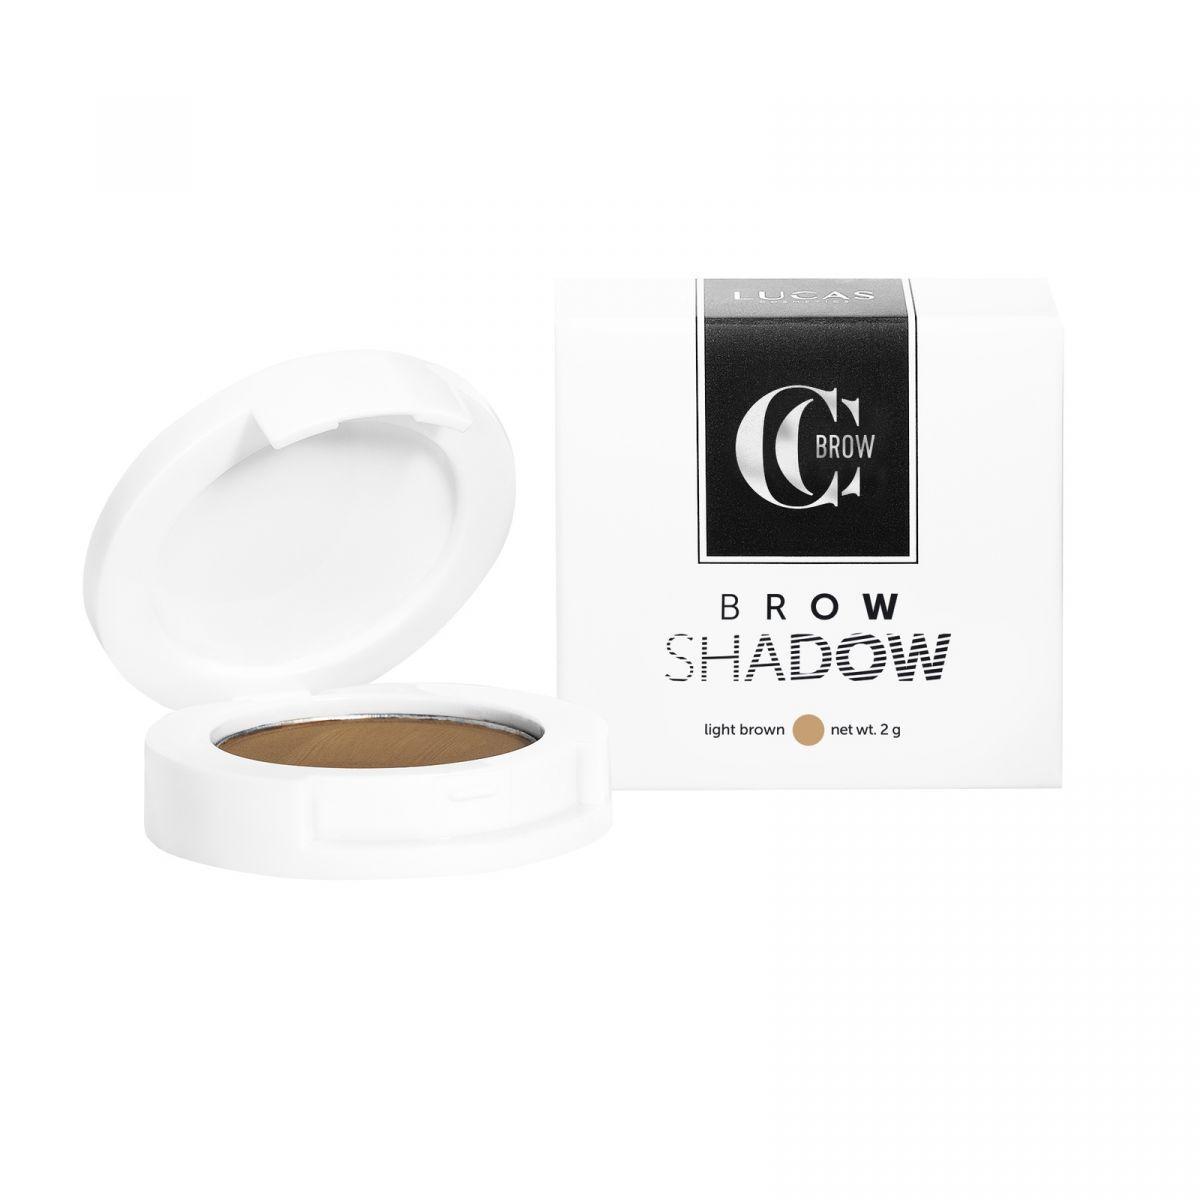 Тени для бровей Brow Shadow by CC Brow (Темно-коричневый)